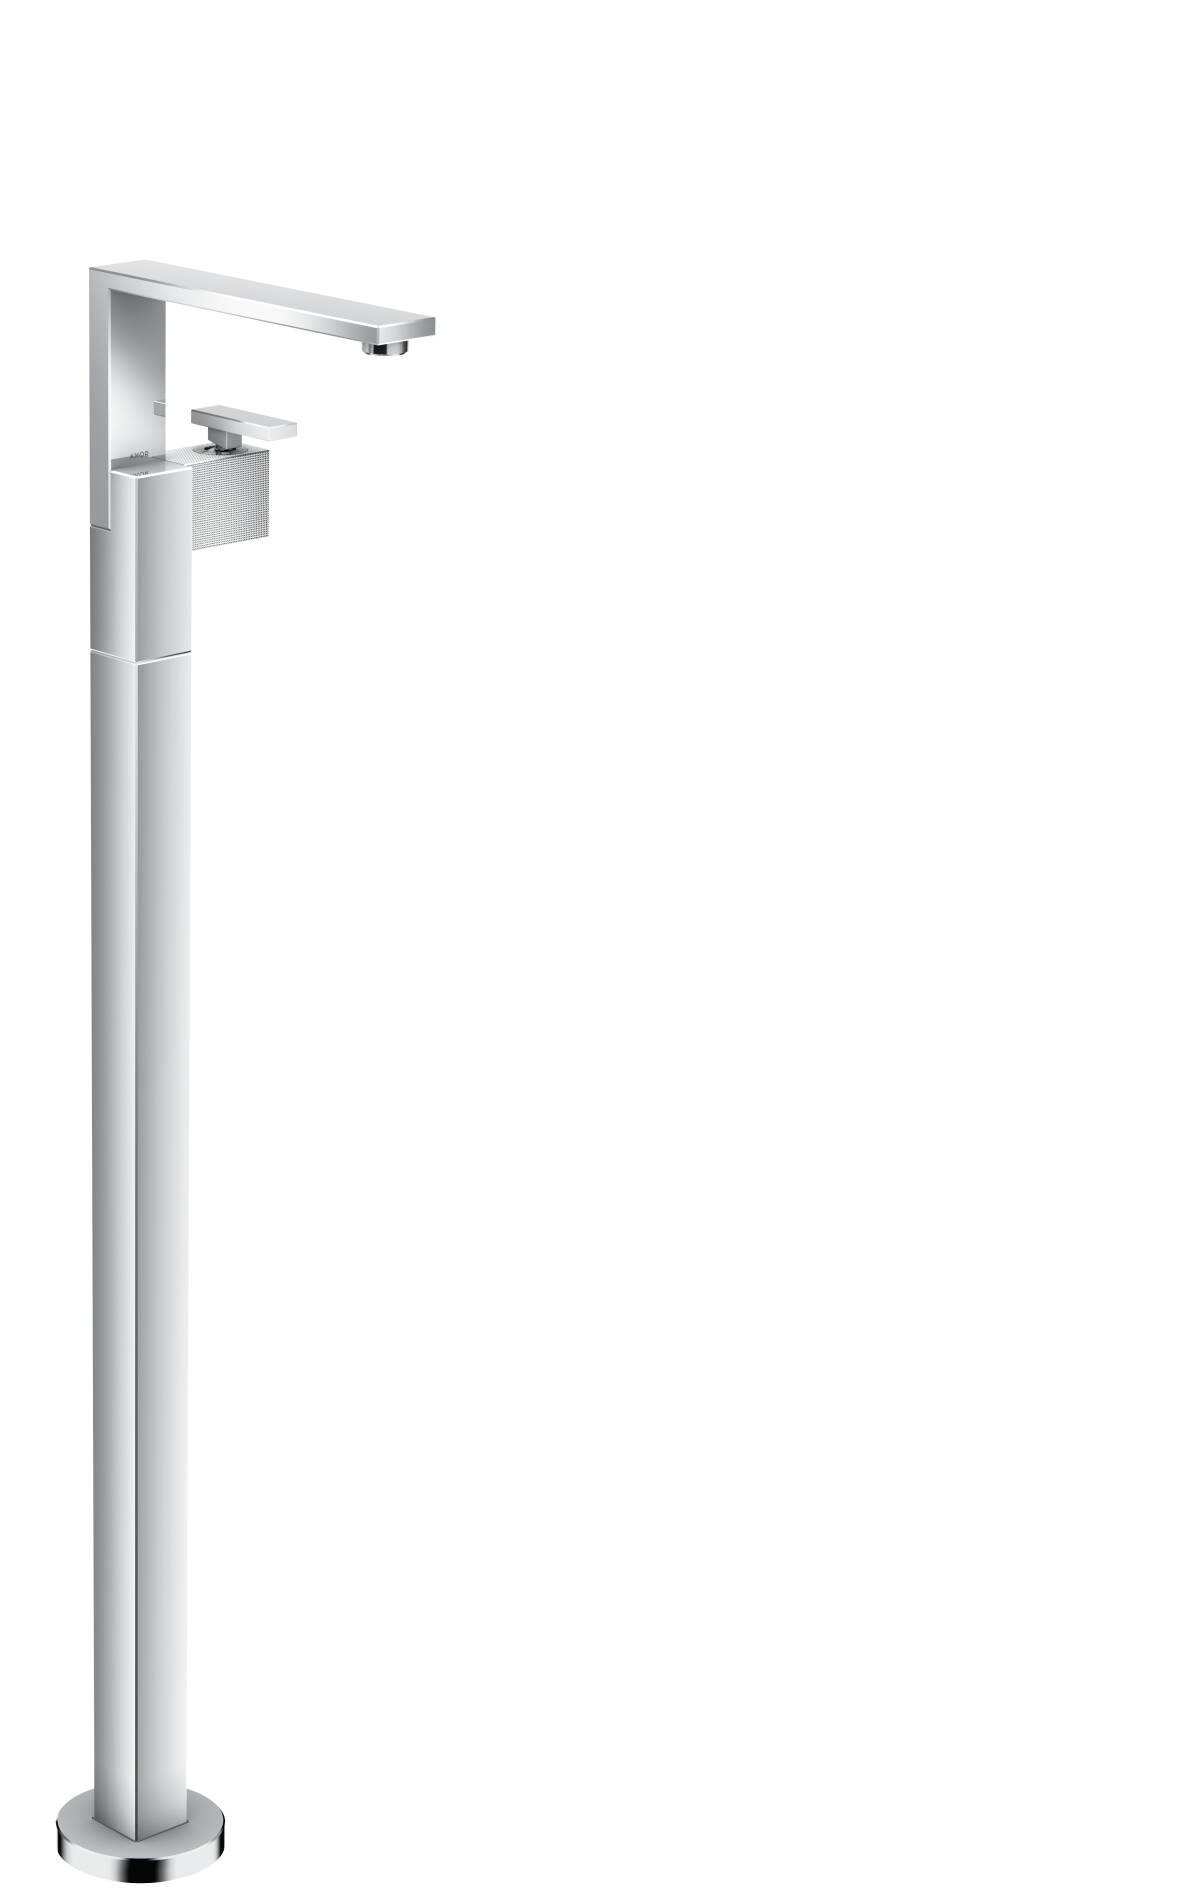 Einhebel-Waschtischmischer bodenstehend mit Push-Open Ablaufgarnitur - Diamantschliff, Chrom, 46041000